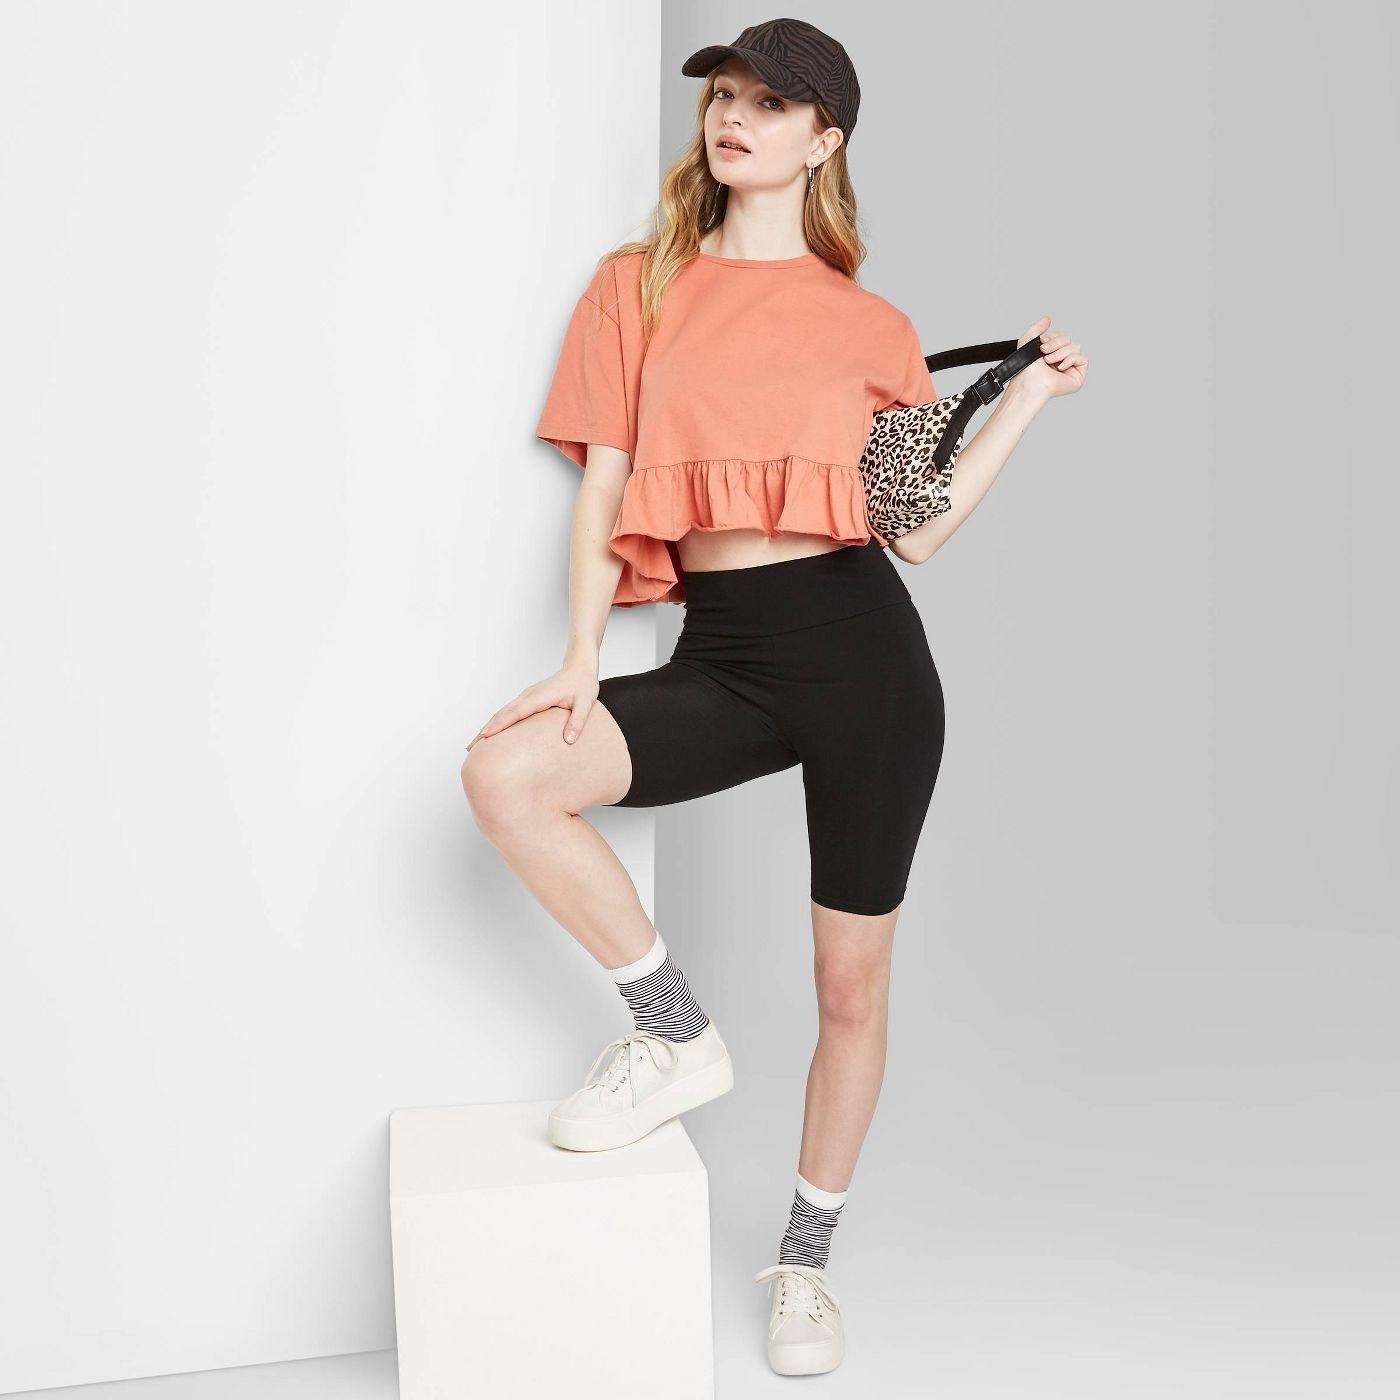 Model in black bike shorts